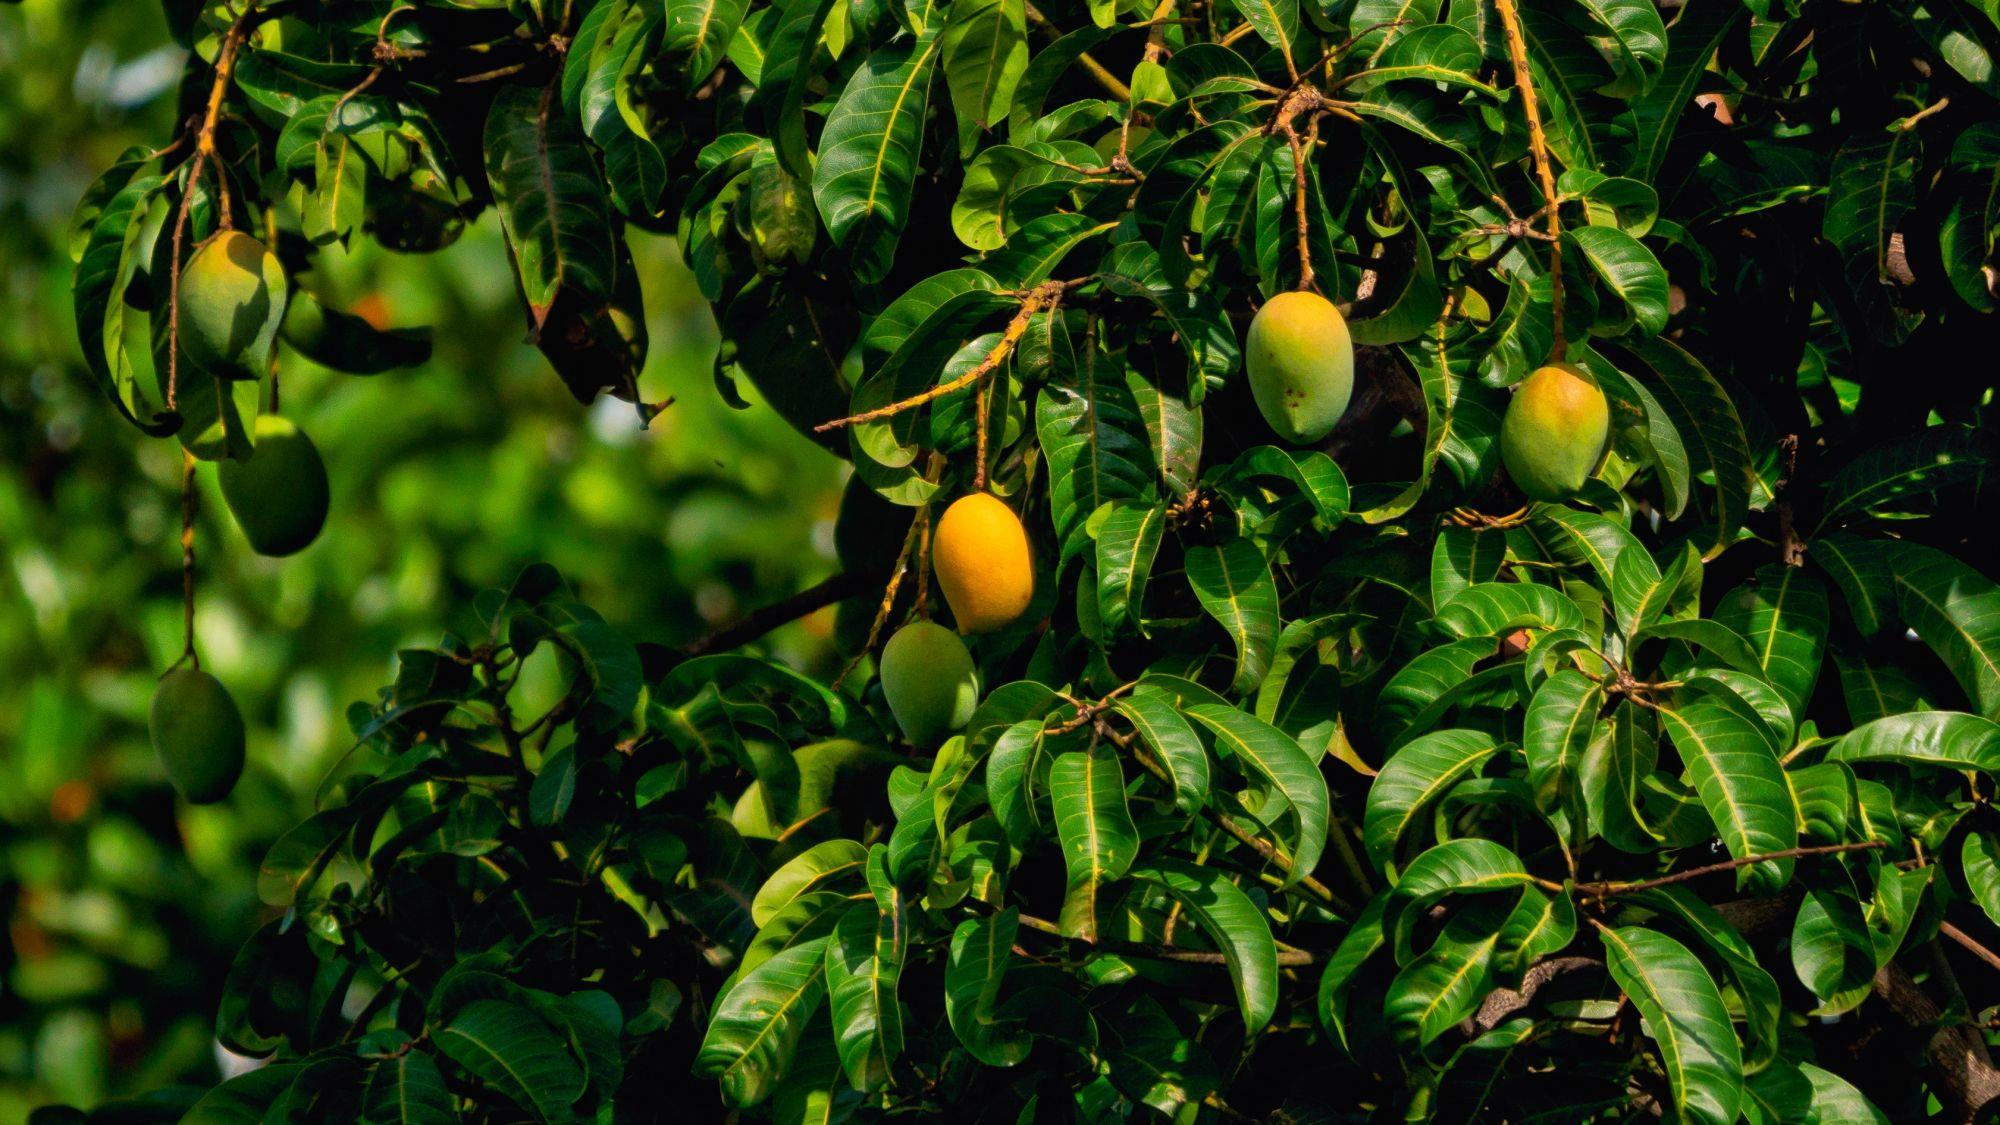 小暑時節盛產芒果。(Photo by Rajendra Biswal on Unsplash)